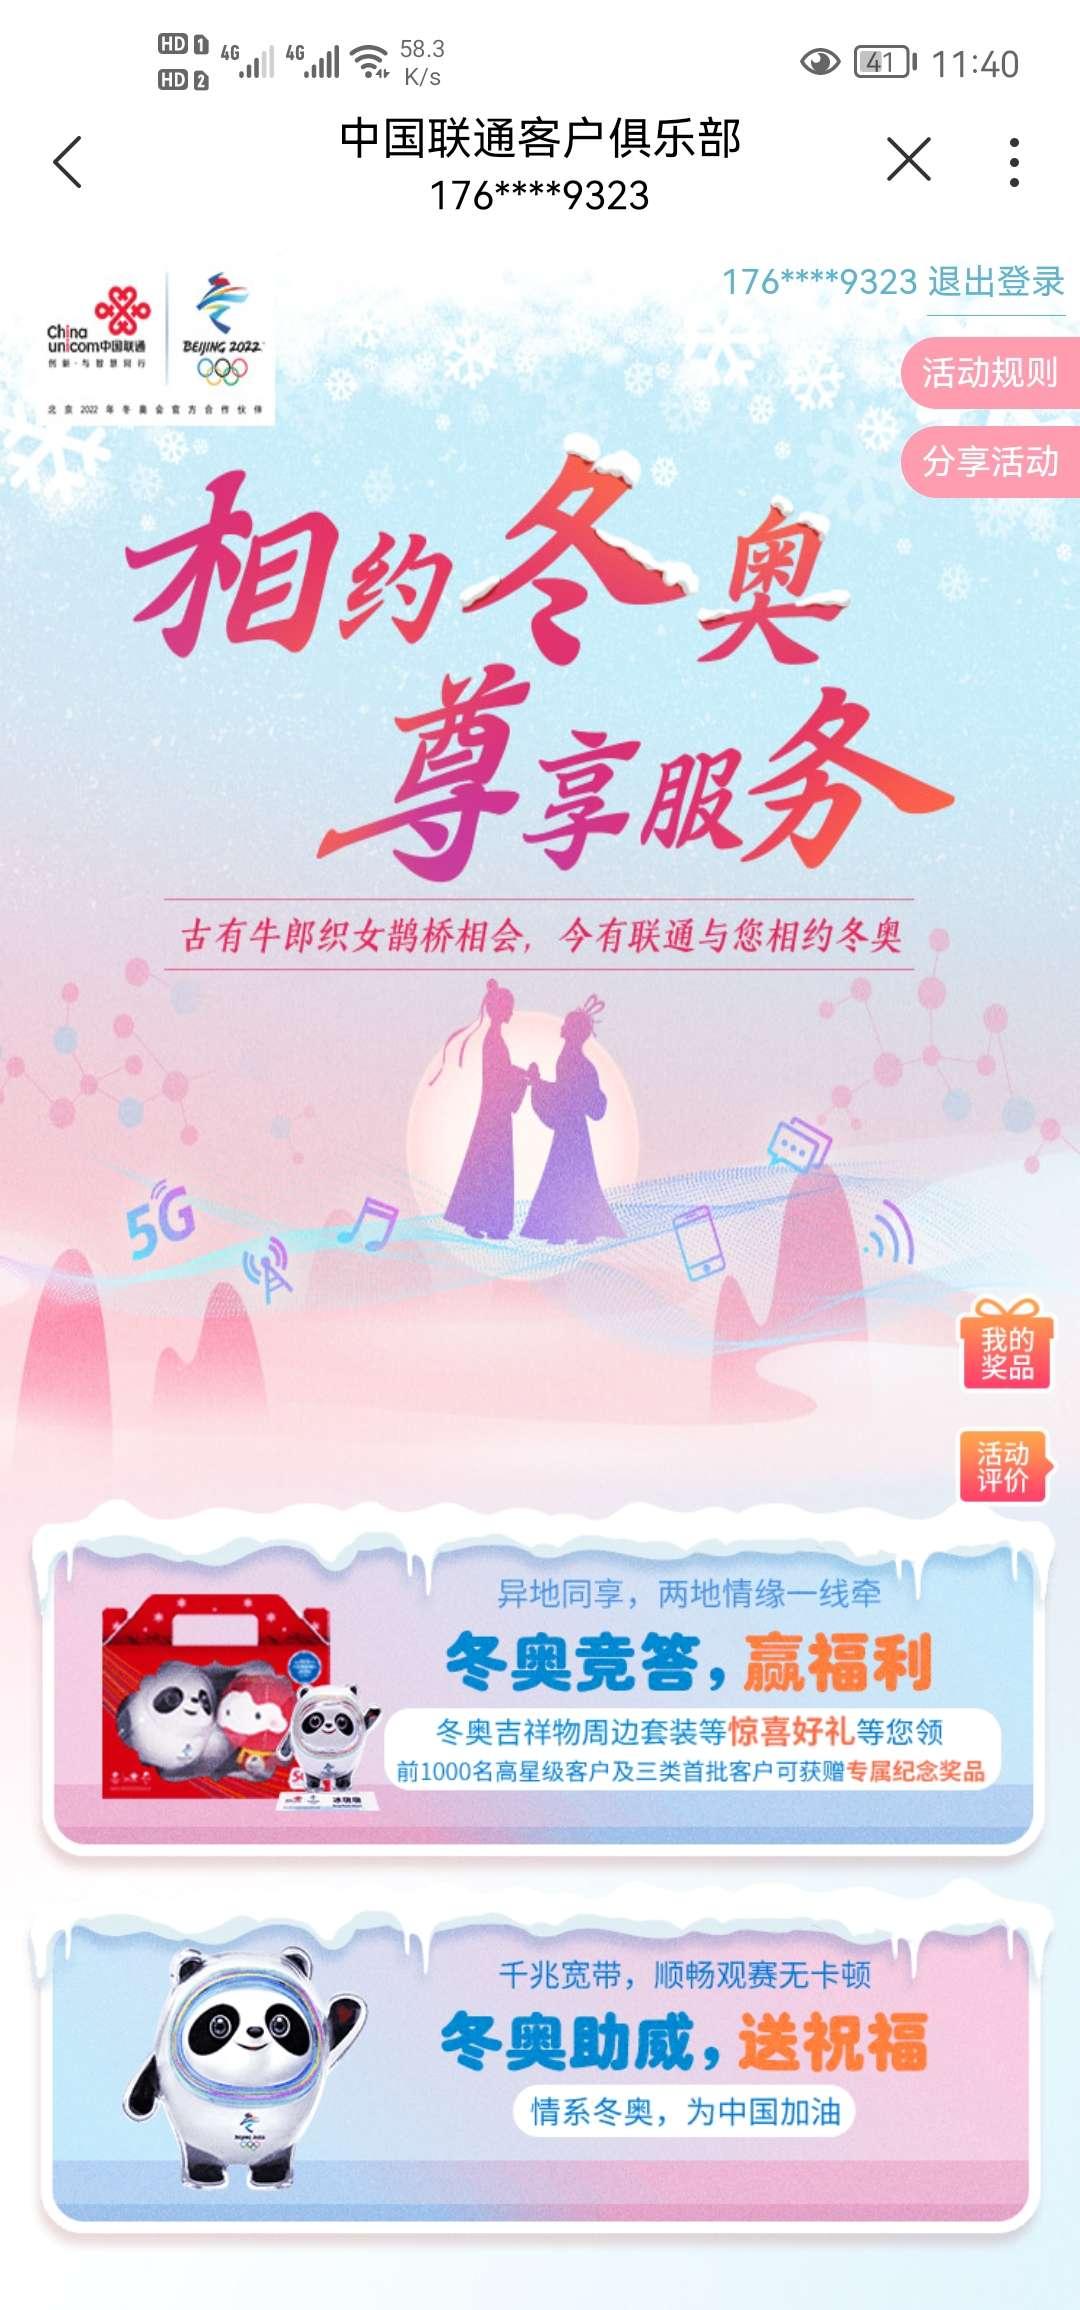 【虚拟物品】中国联通七夕礼抽视频会员插图